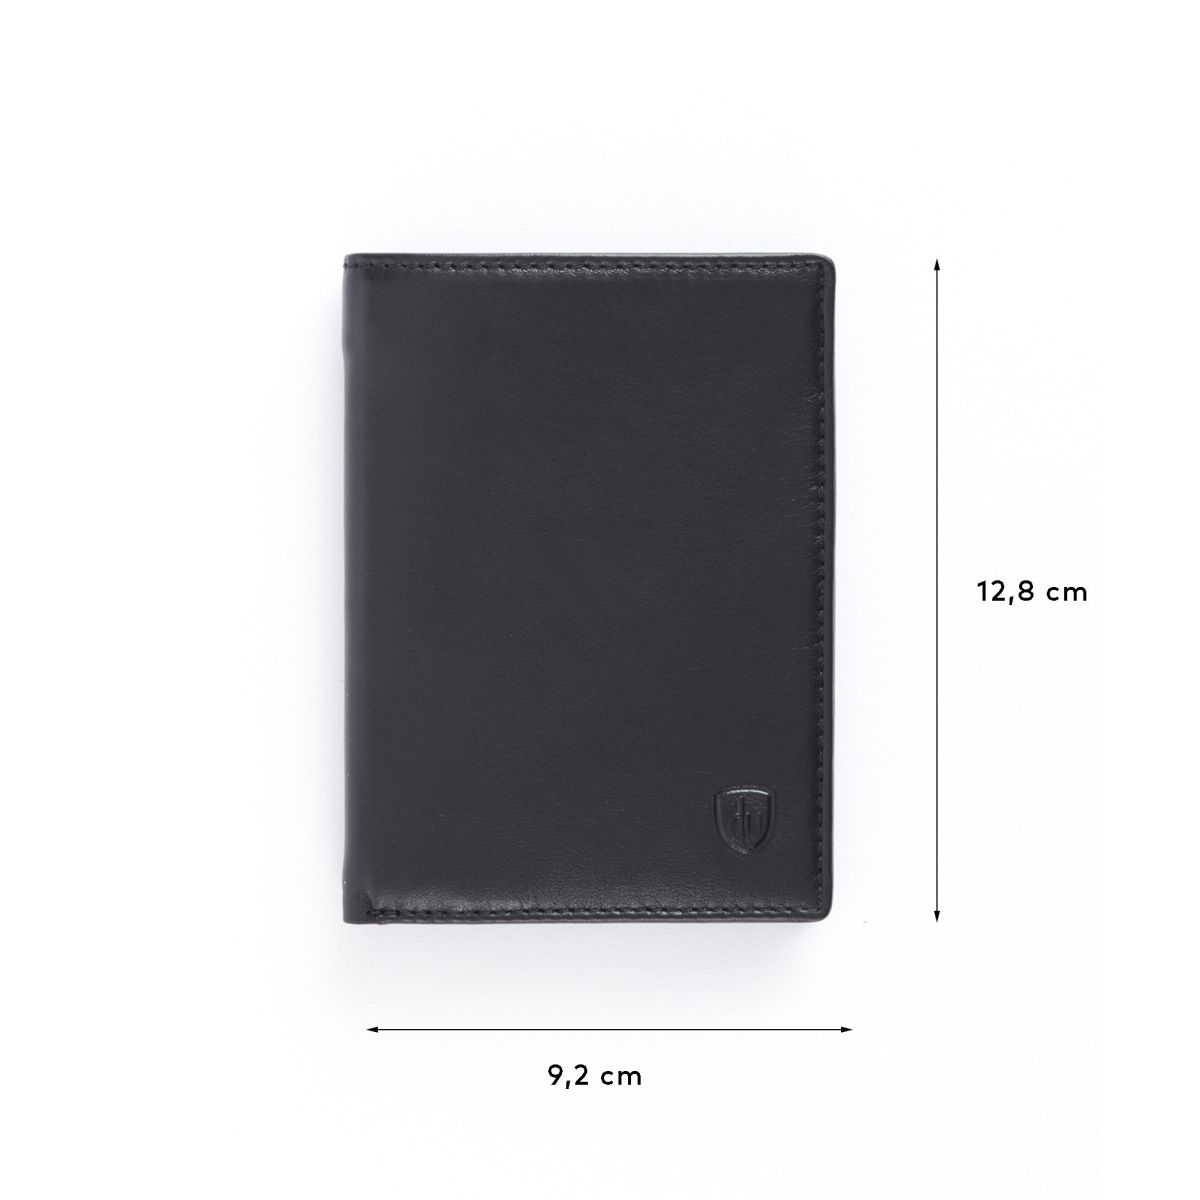 dv Mens leather vertical wallet - Black